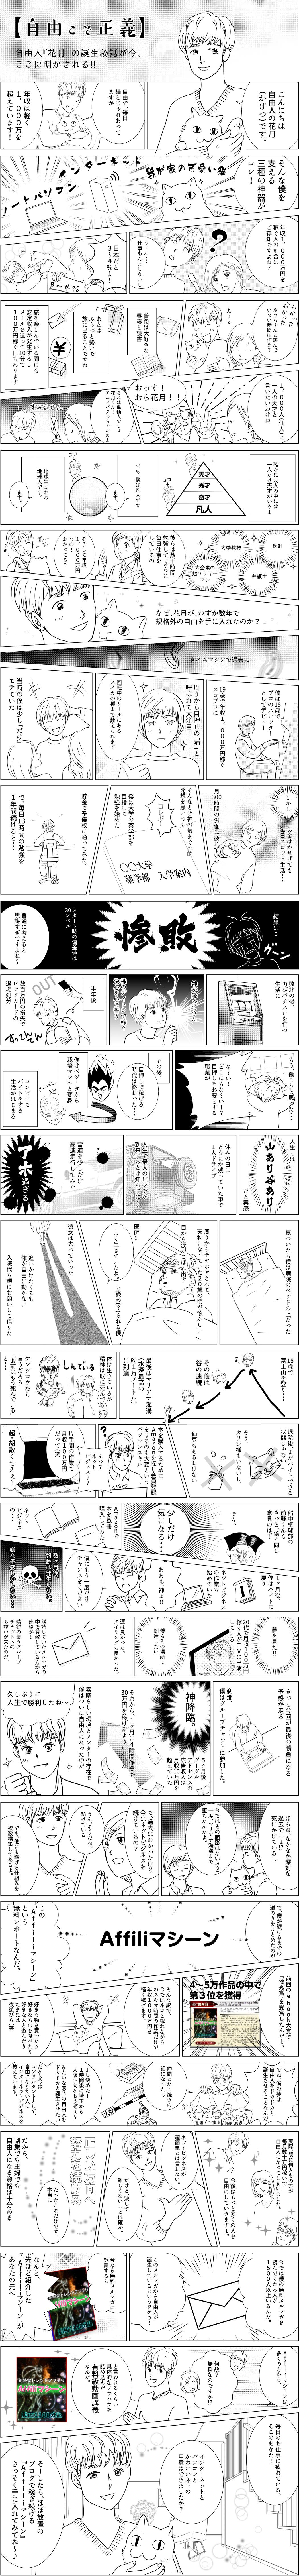 manga_w1050-1050